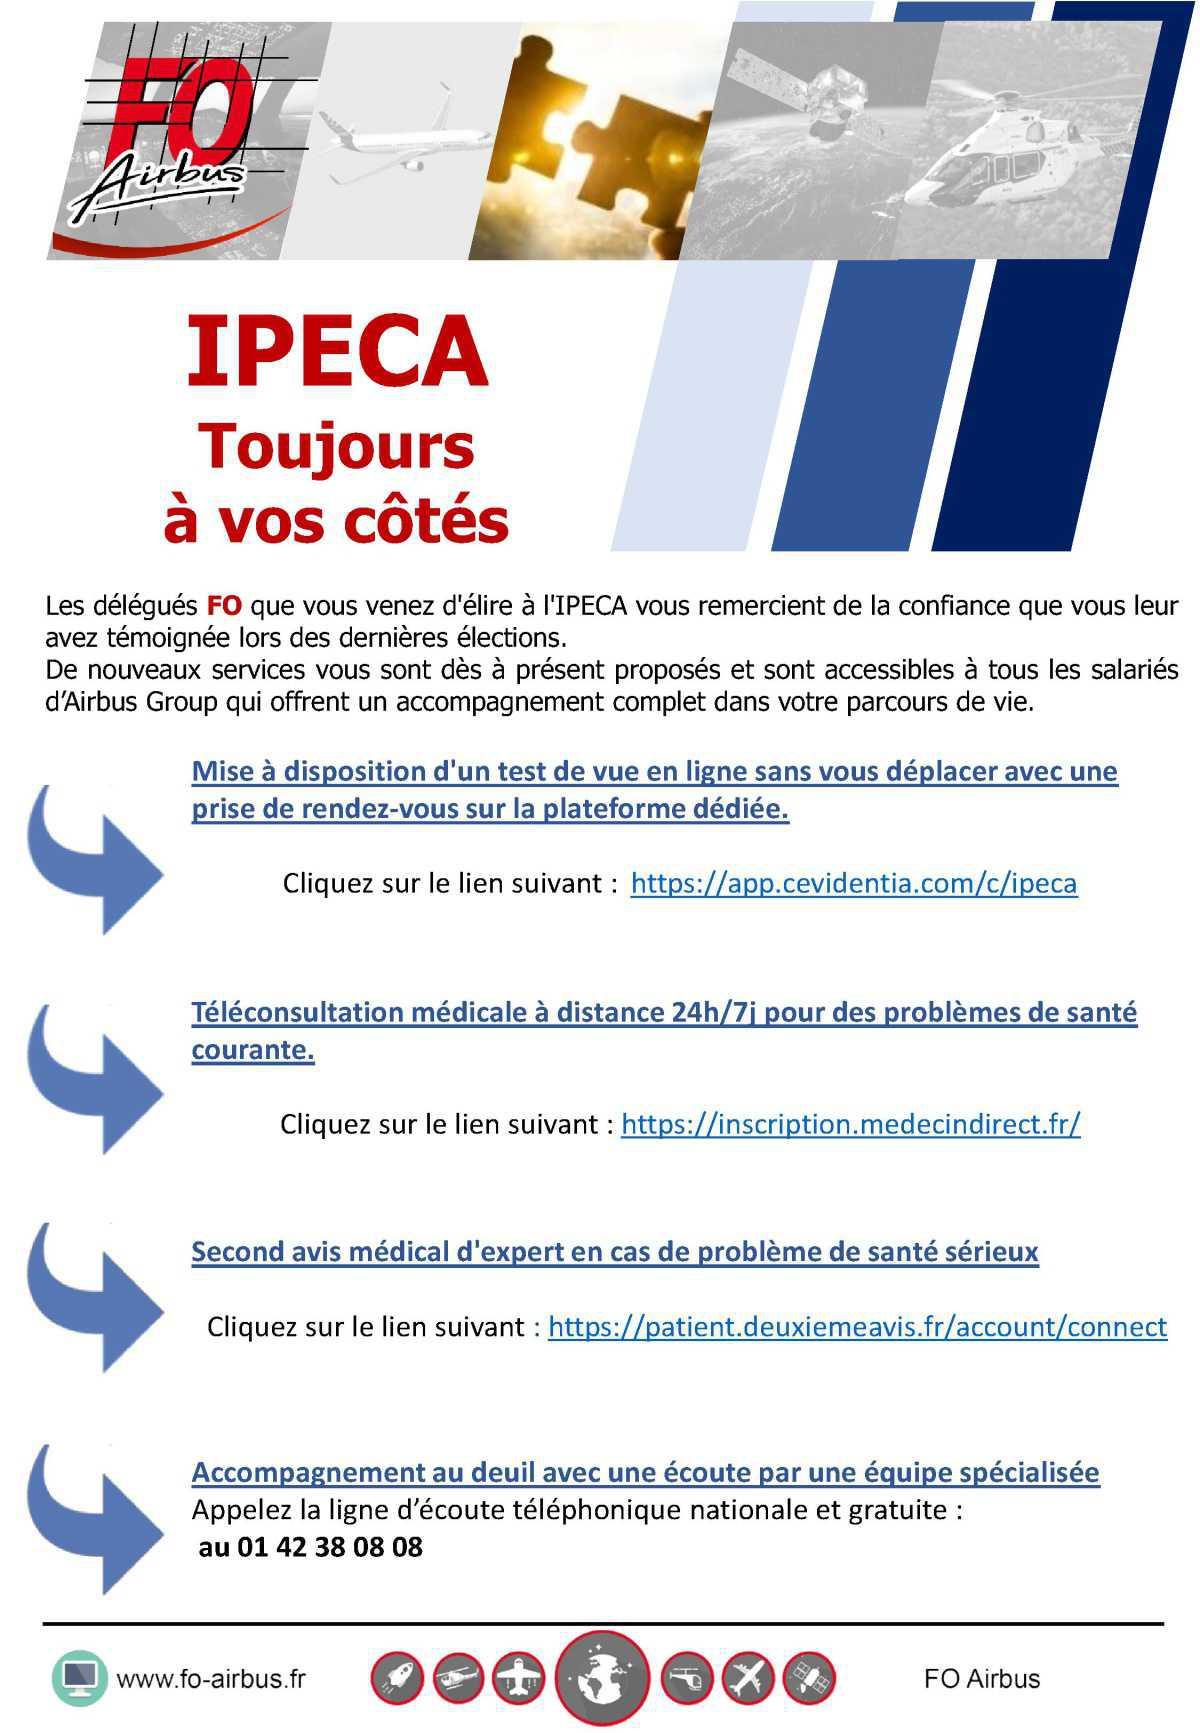 IPECA, Toujours à vos côtés